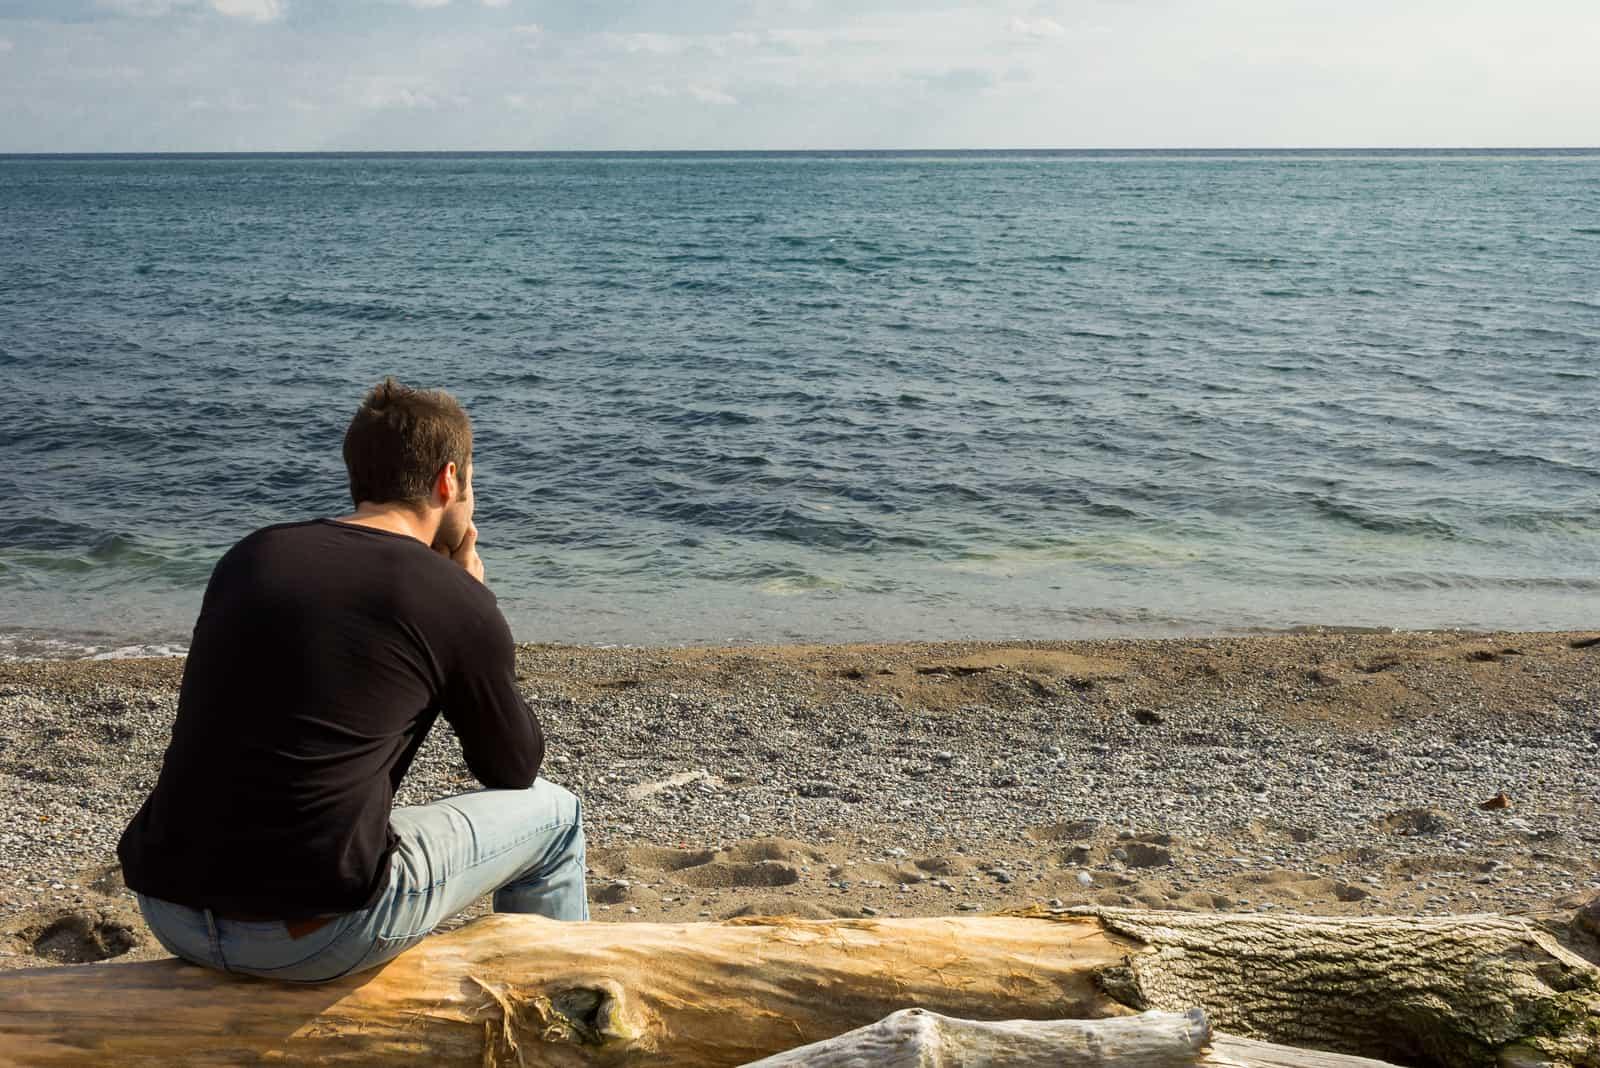 un homme imaginaire est assis sur un arbre et regarde la mer